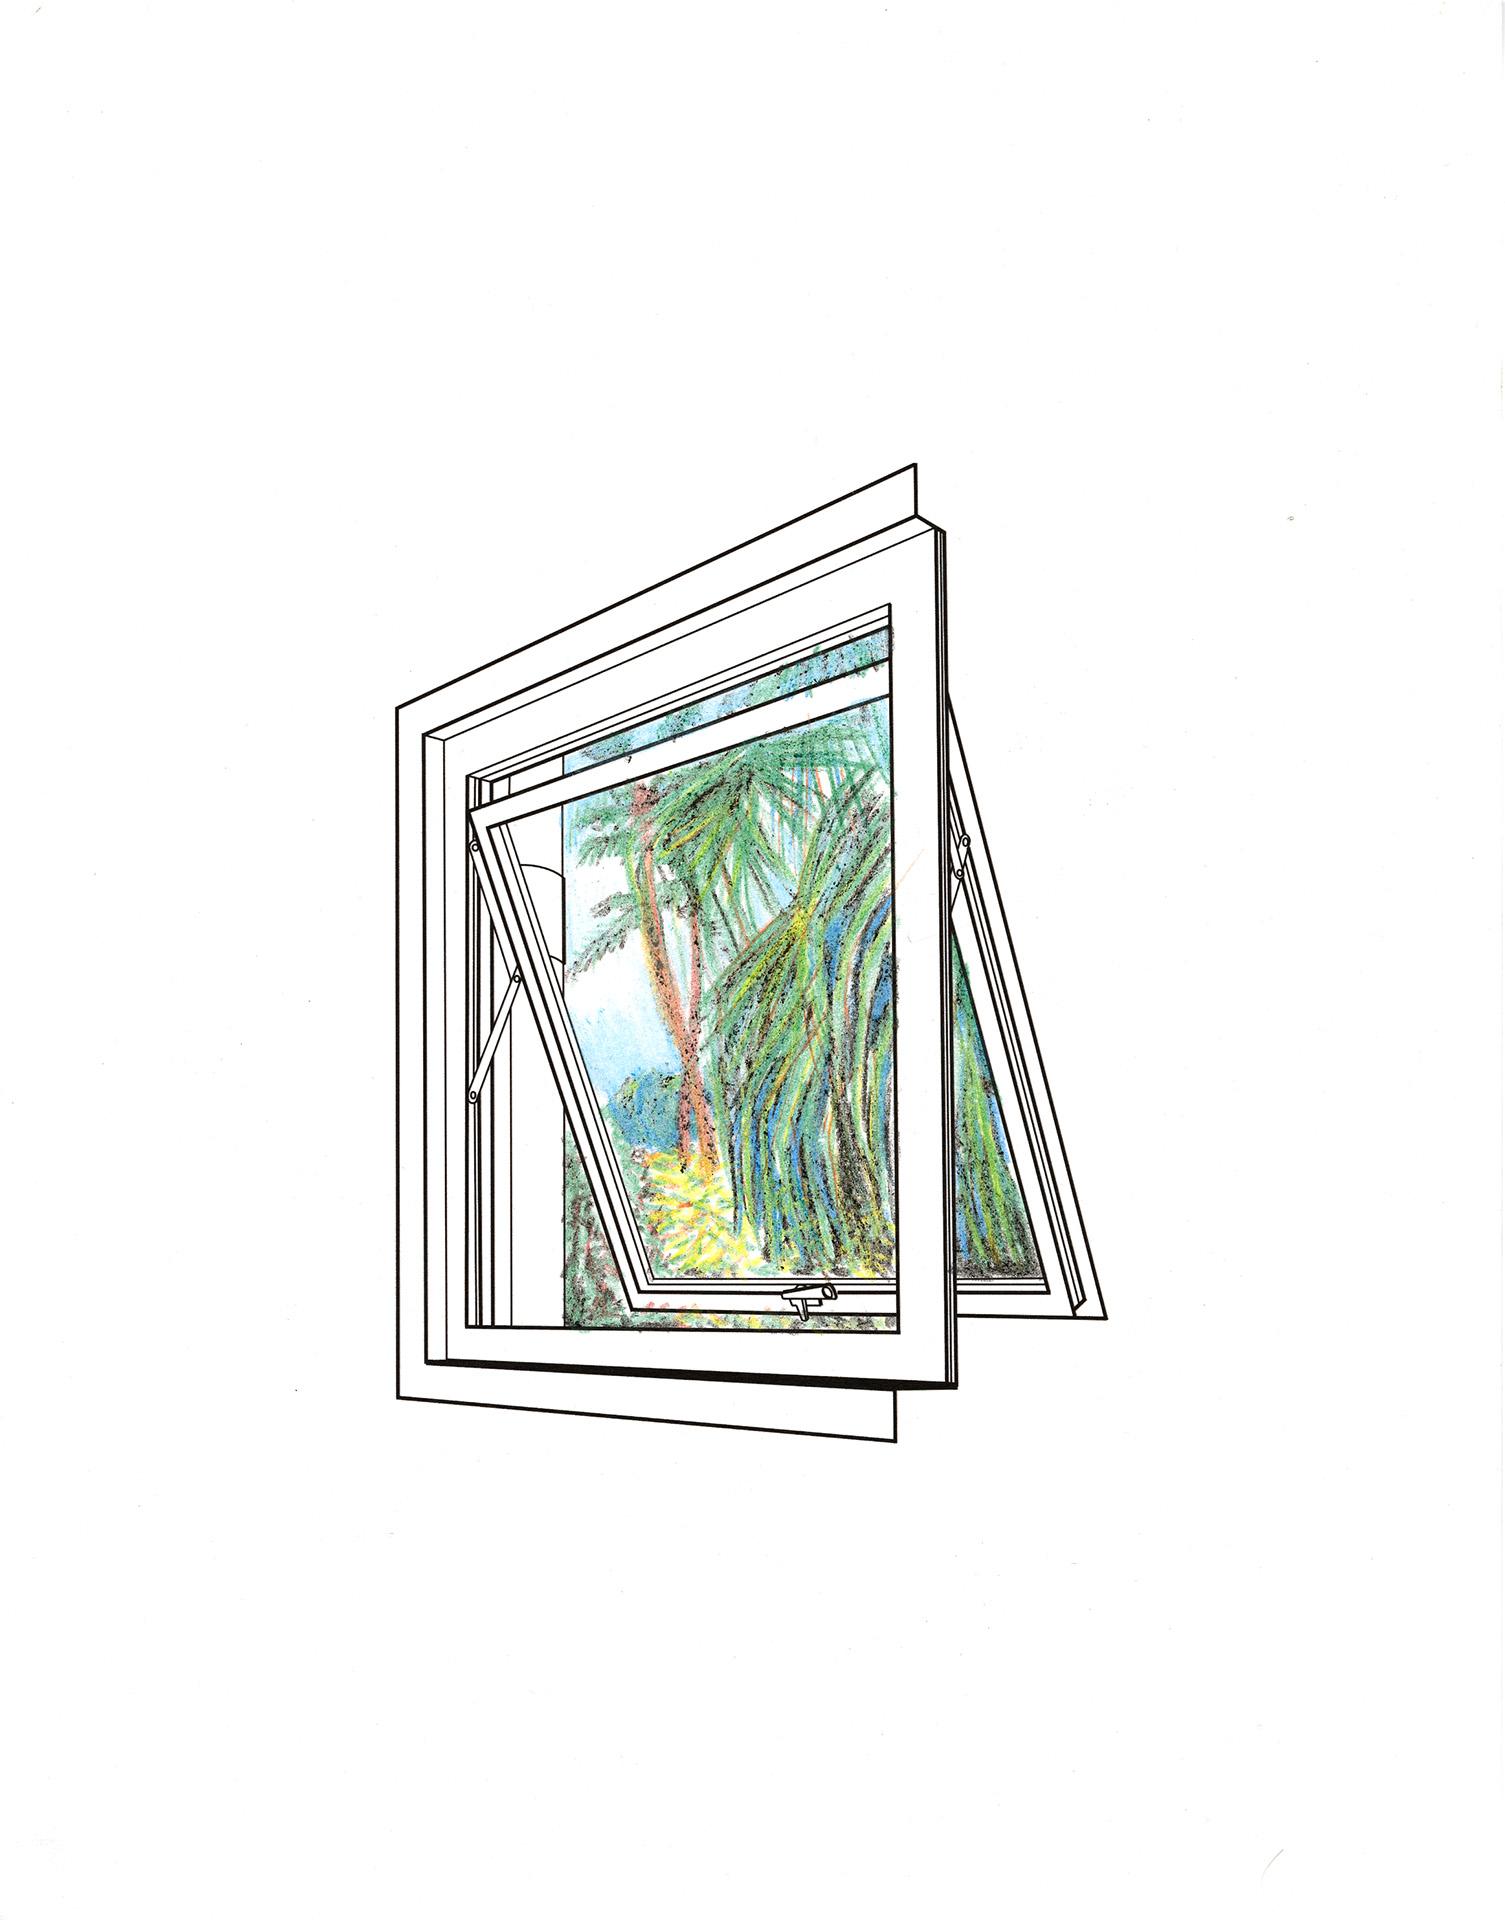 Window Drawing 2.12.18